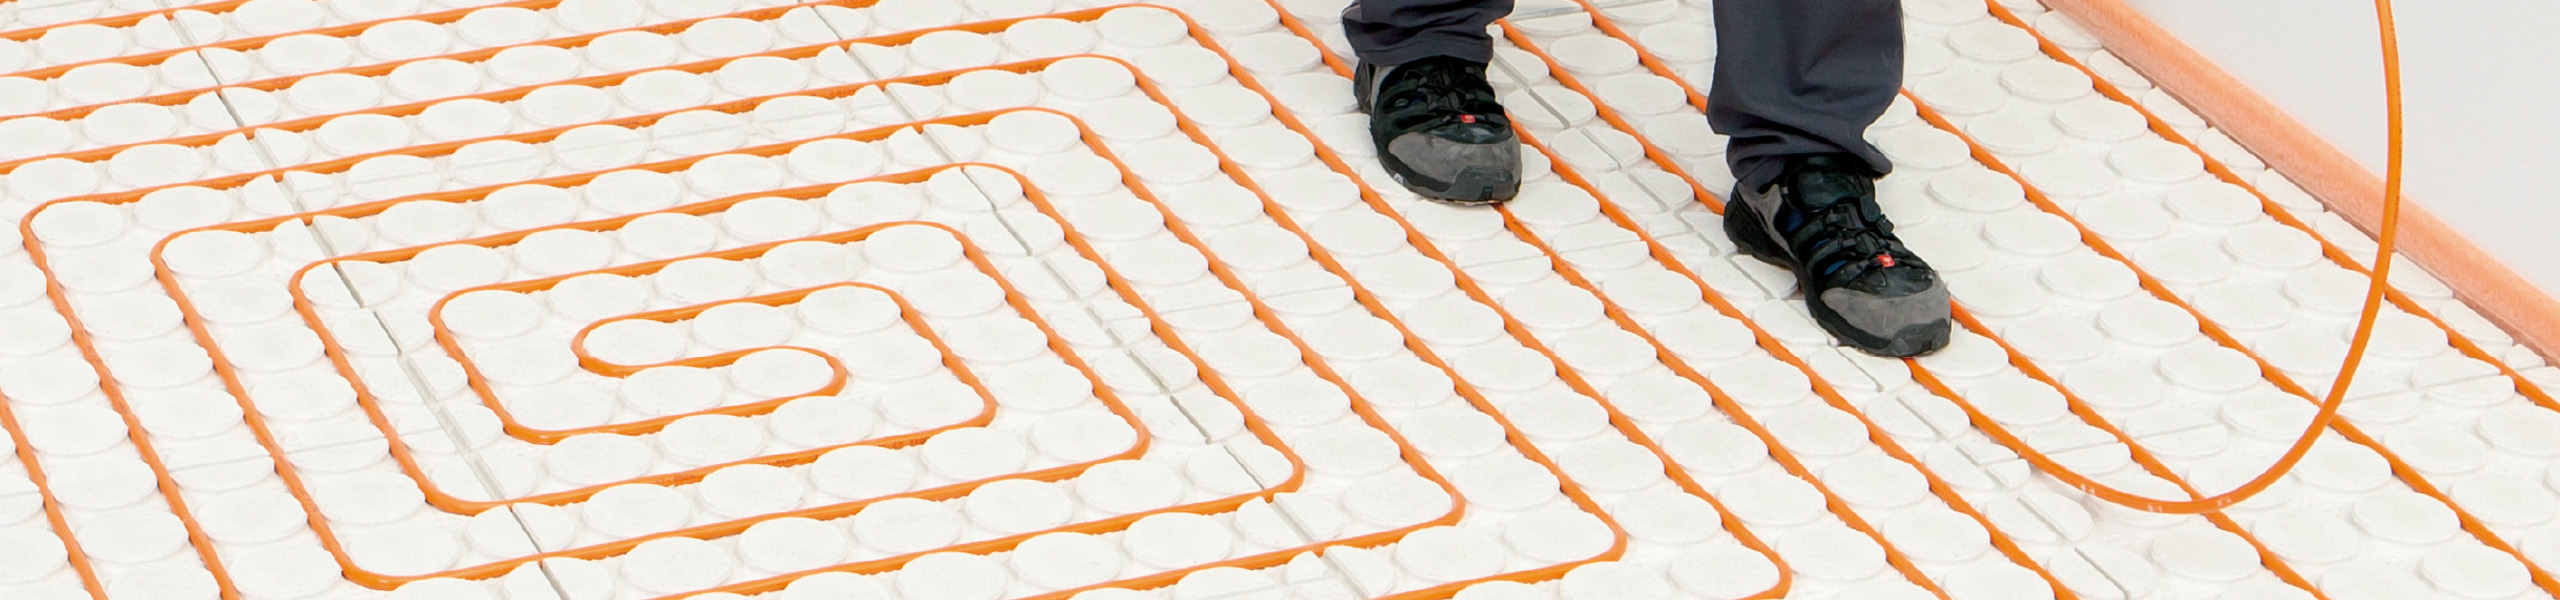 Lage opbouw vloerverwarming voor optimaal binnenklimaat